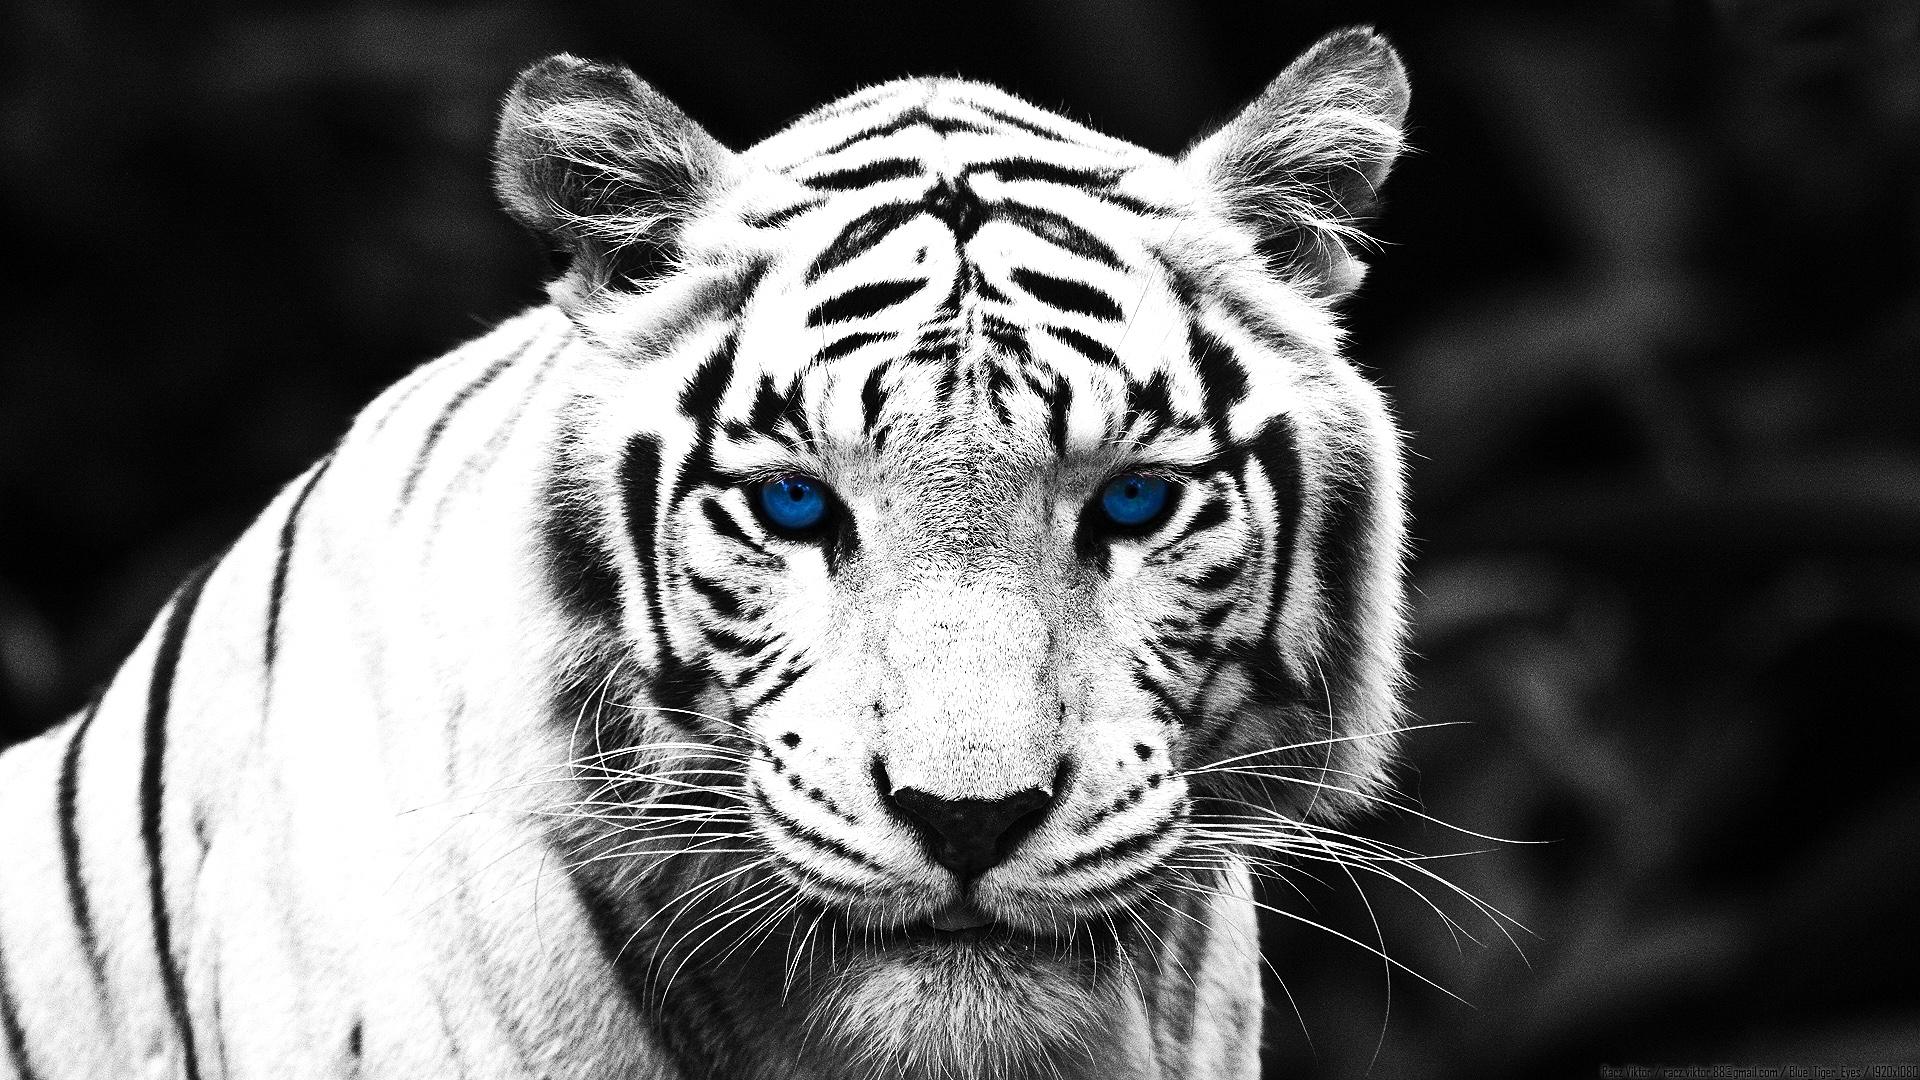 Красивые белый тигр, фото, обои для рабочего стола, скачать